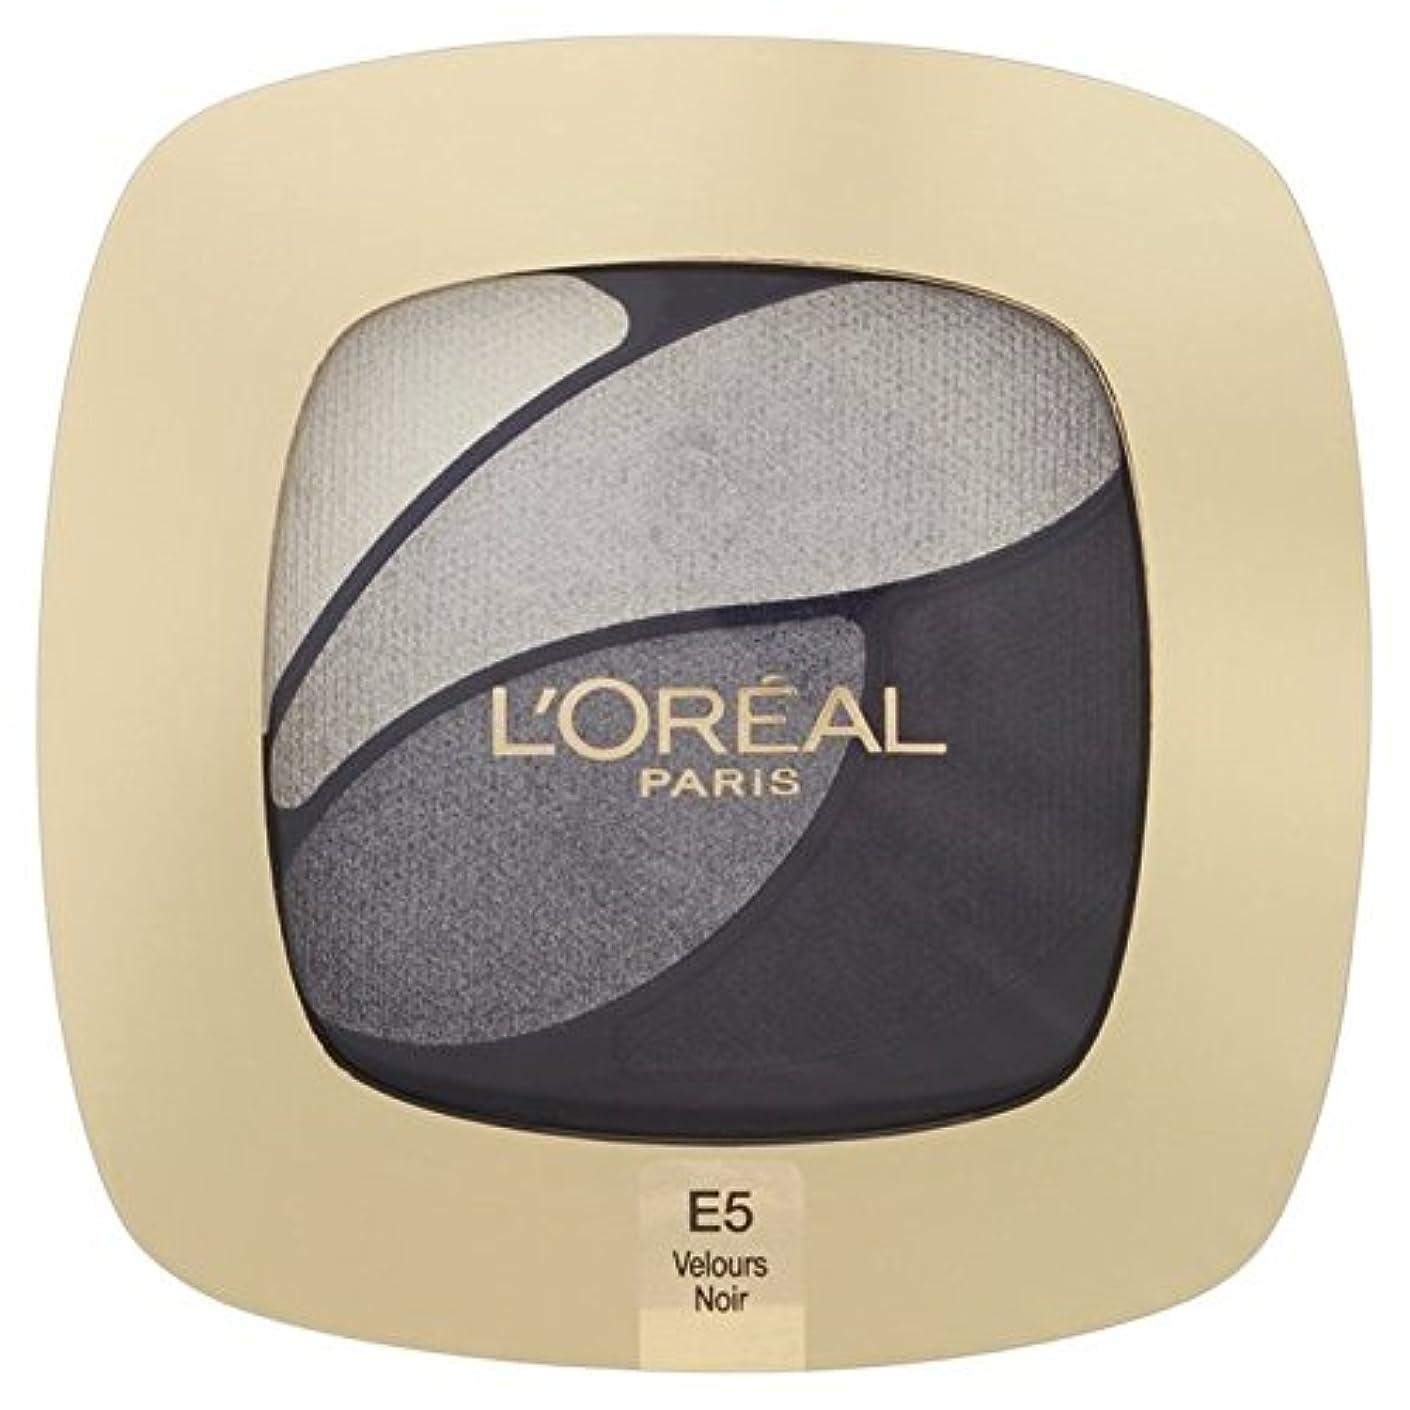 から聞く経由で後世L'Oreal Paris Color Riche Quad, E5 Incredible Grey 30g - ロレアルパリのカラーリッシュクワッド、5信じられないほどの灰色の30グラム [並行輸入品]